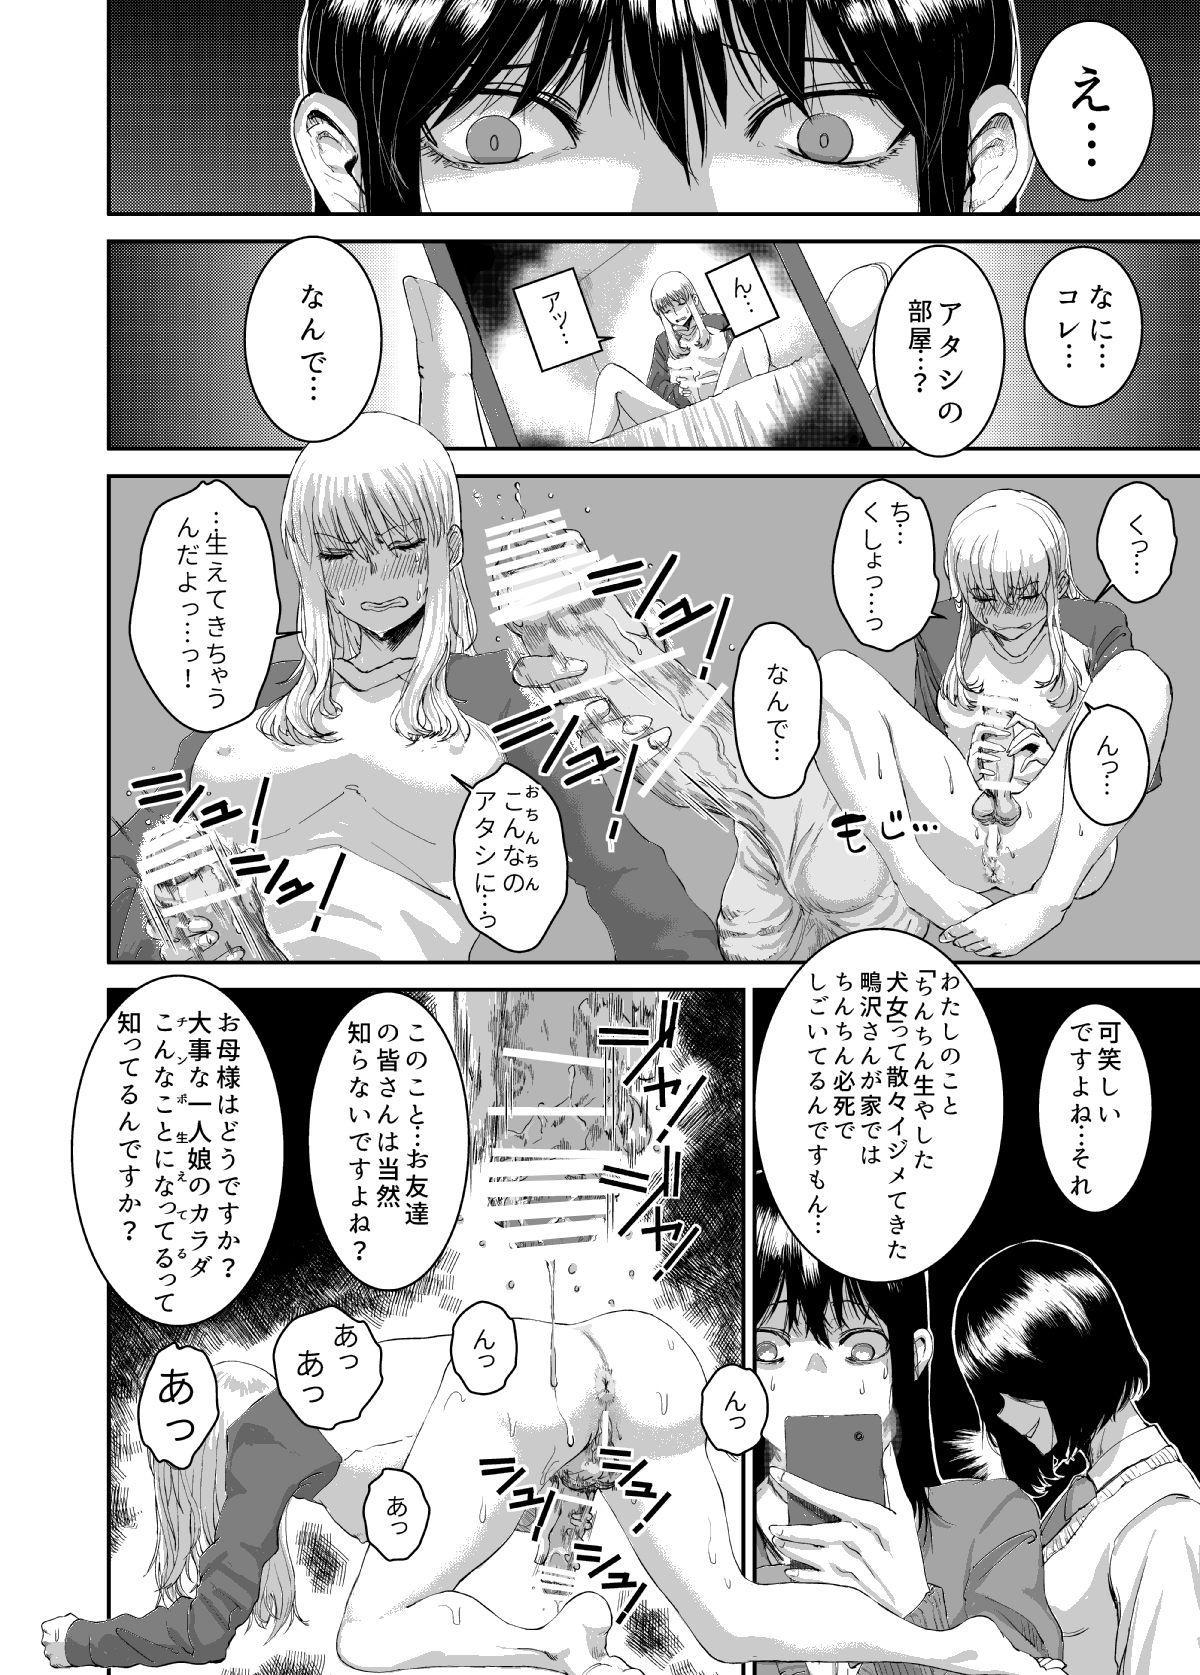 Tadashii Inu no Shitsuke ke Kata 5